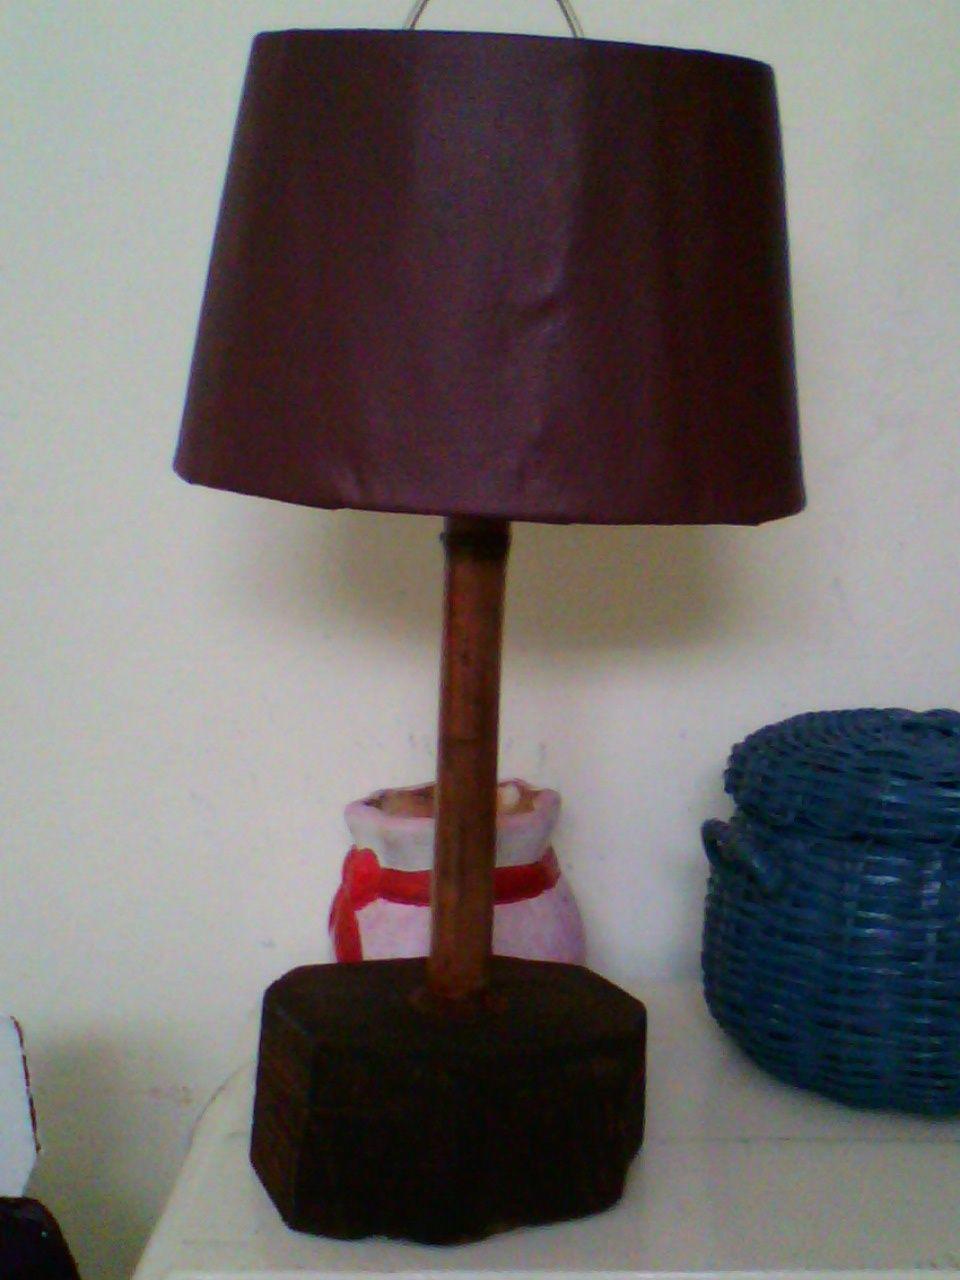 lampara estilo rustica: vinilo, bambú y tronco de caoba